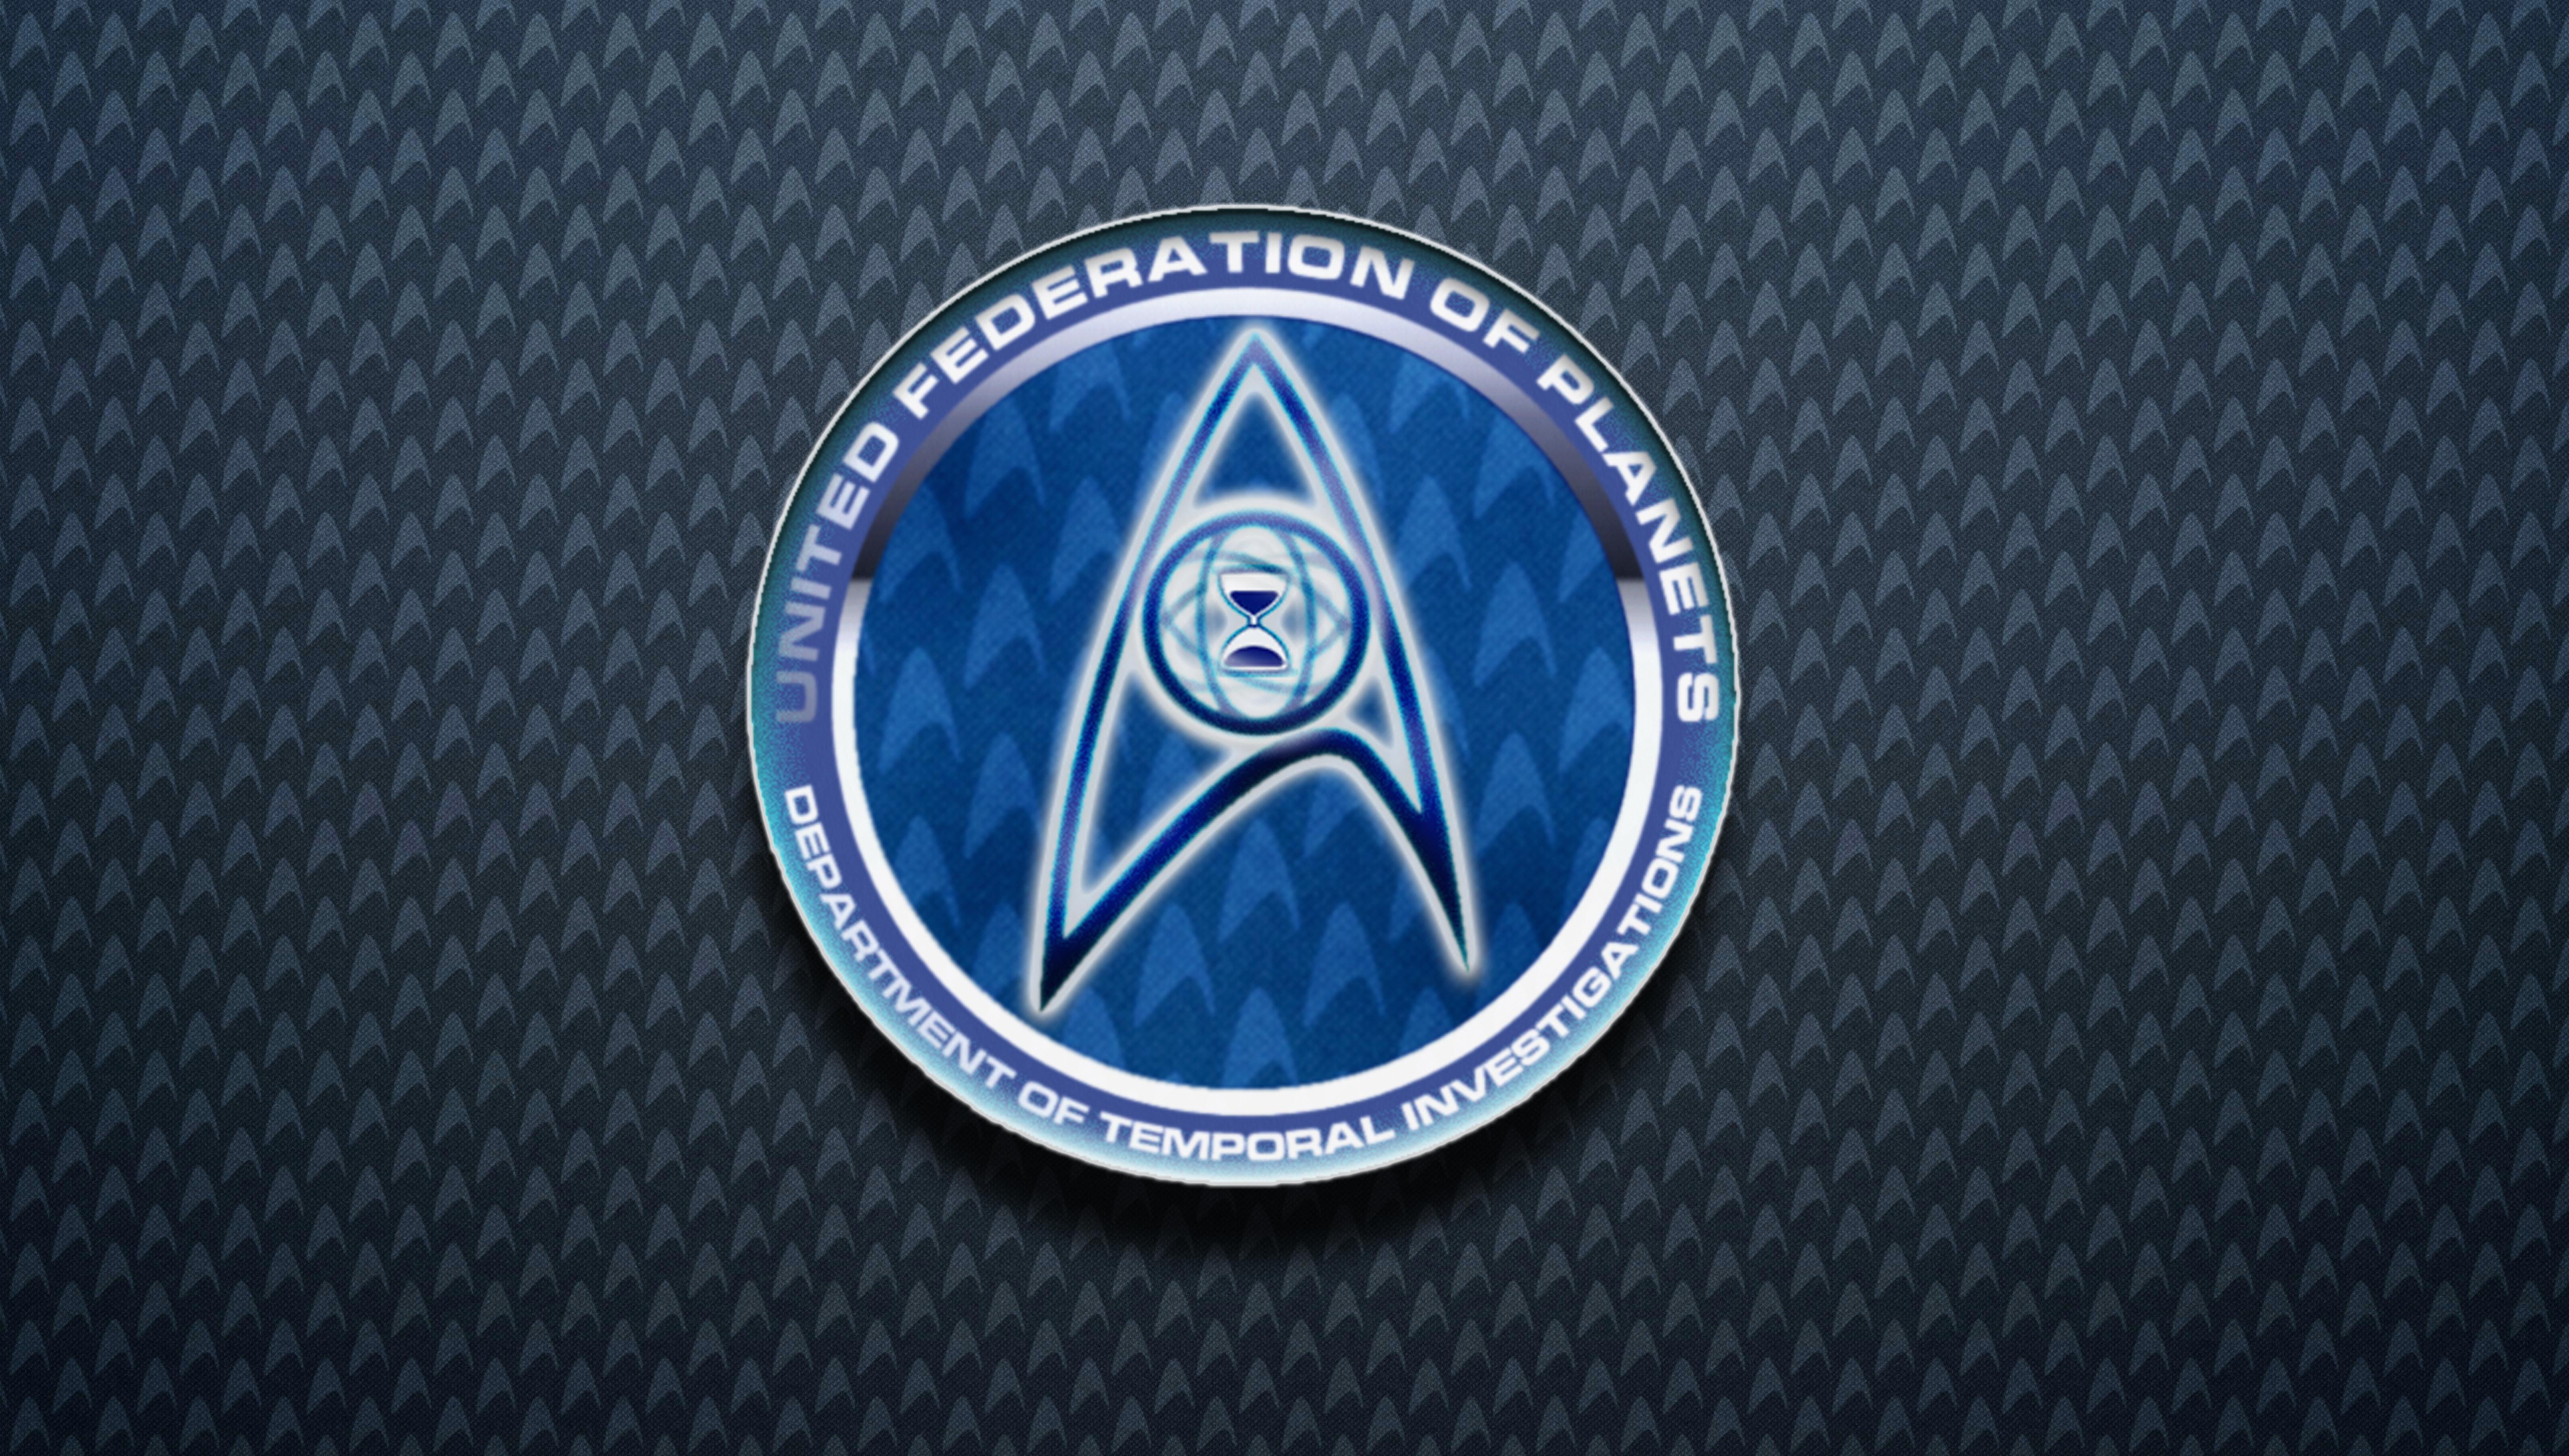 Star Trek Computer Wallpapers Desktop Backgrounds 5646x3200 ID 5646x3200